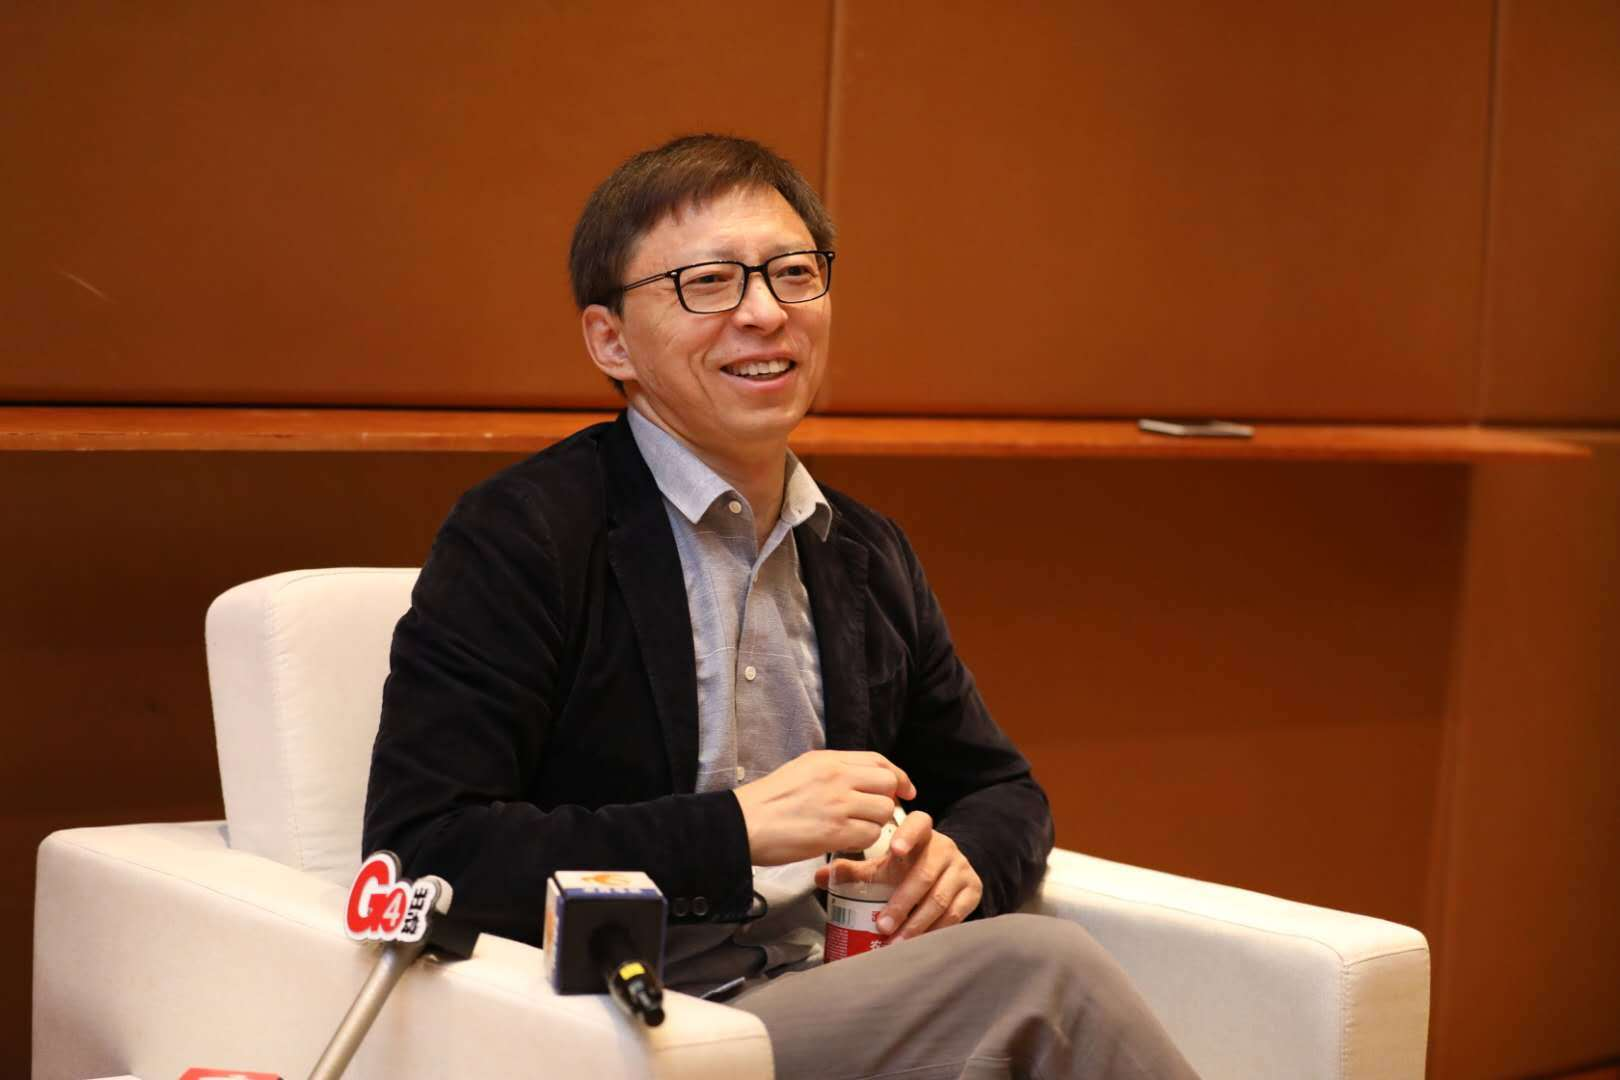 张朝阳:搜狐会尝试云直播综艺节目  看好视频分屏直播技术商业前景